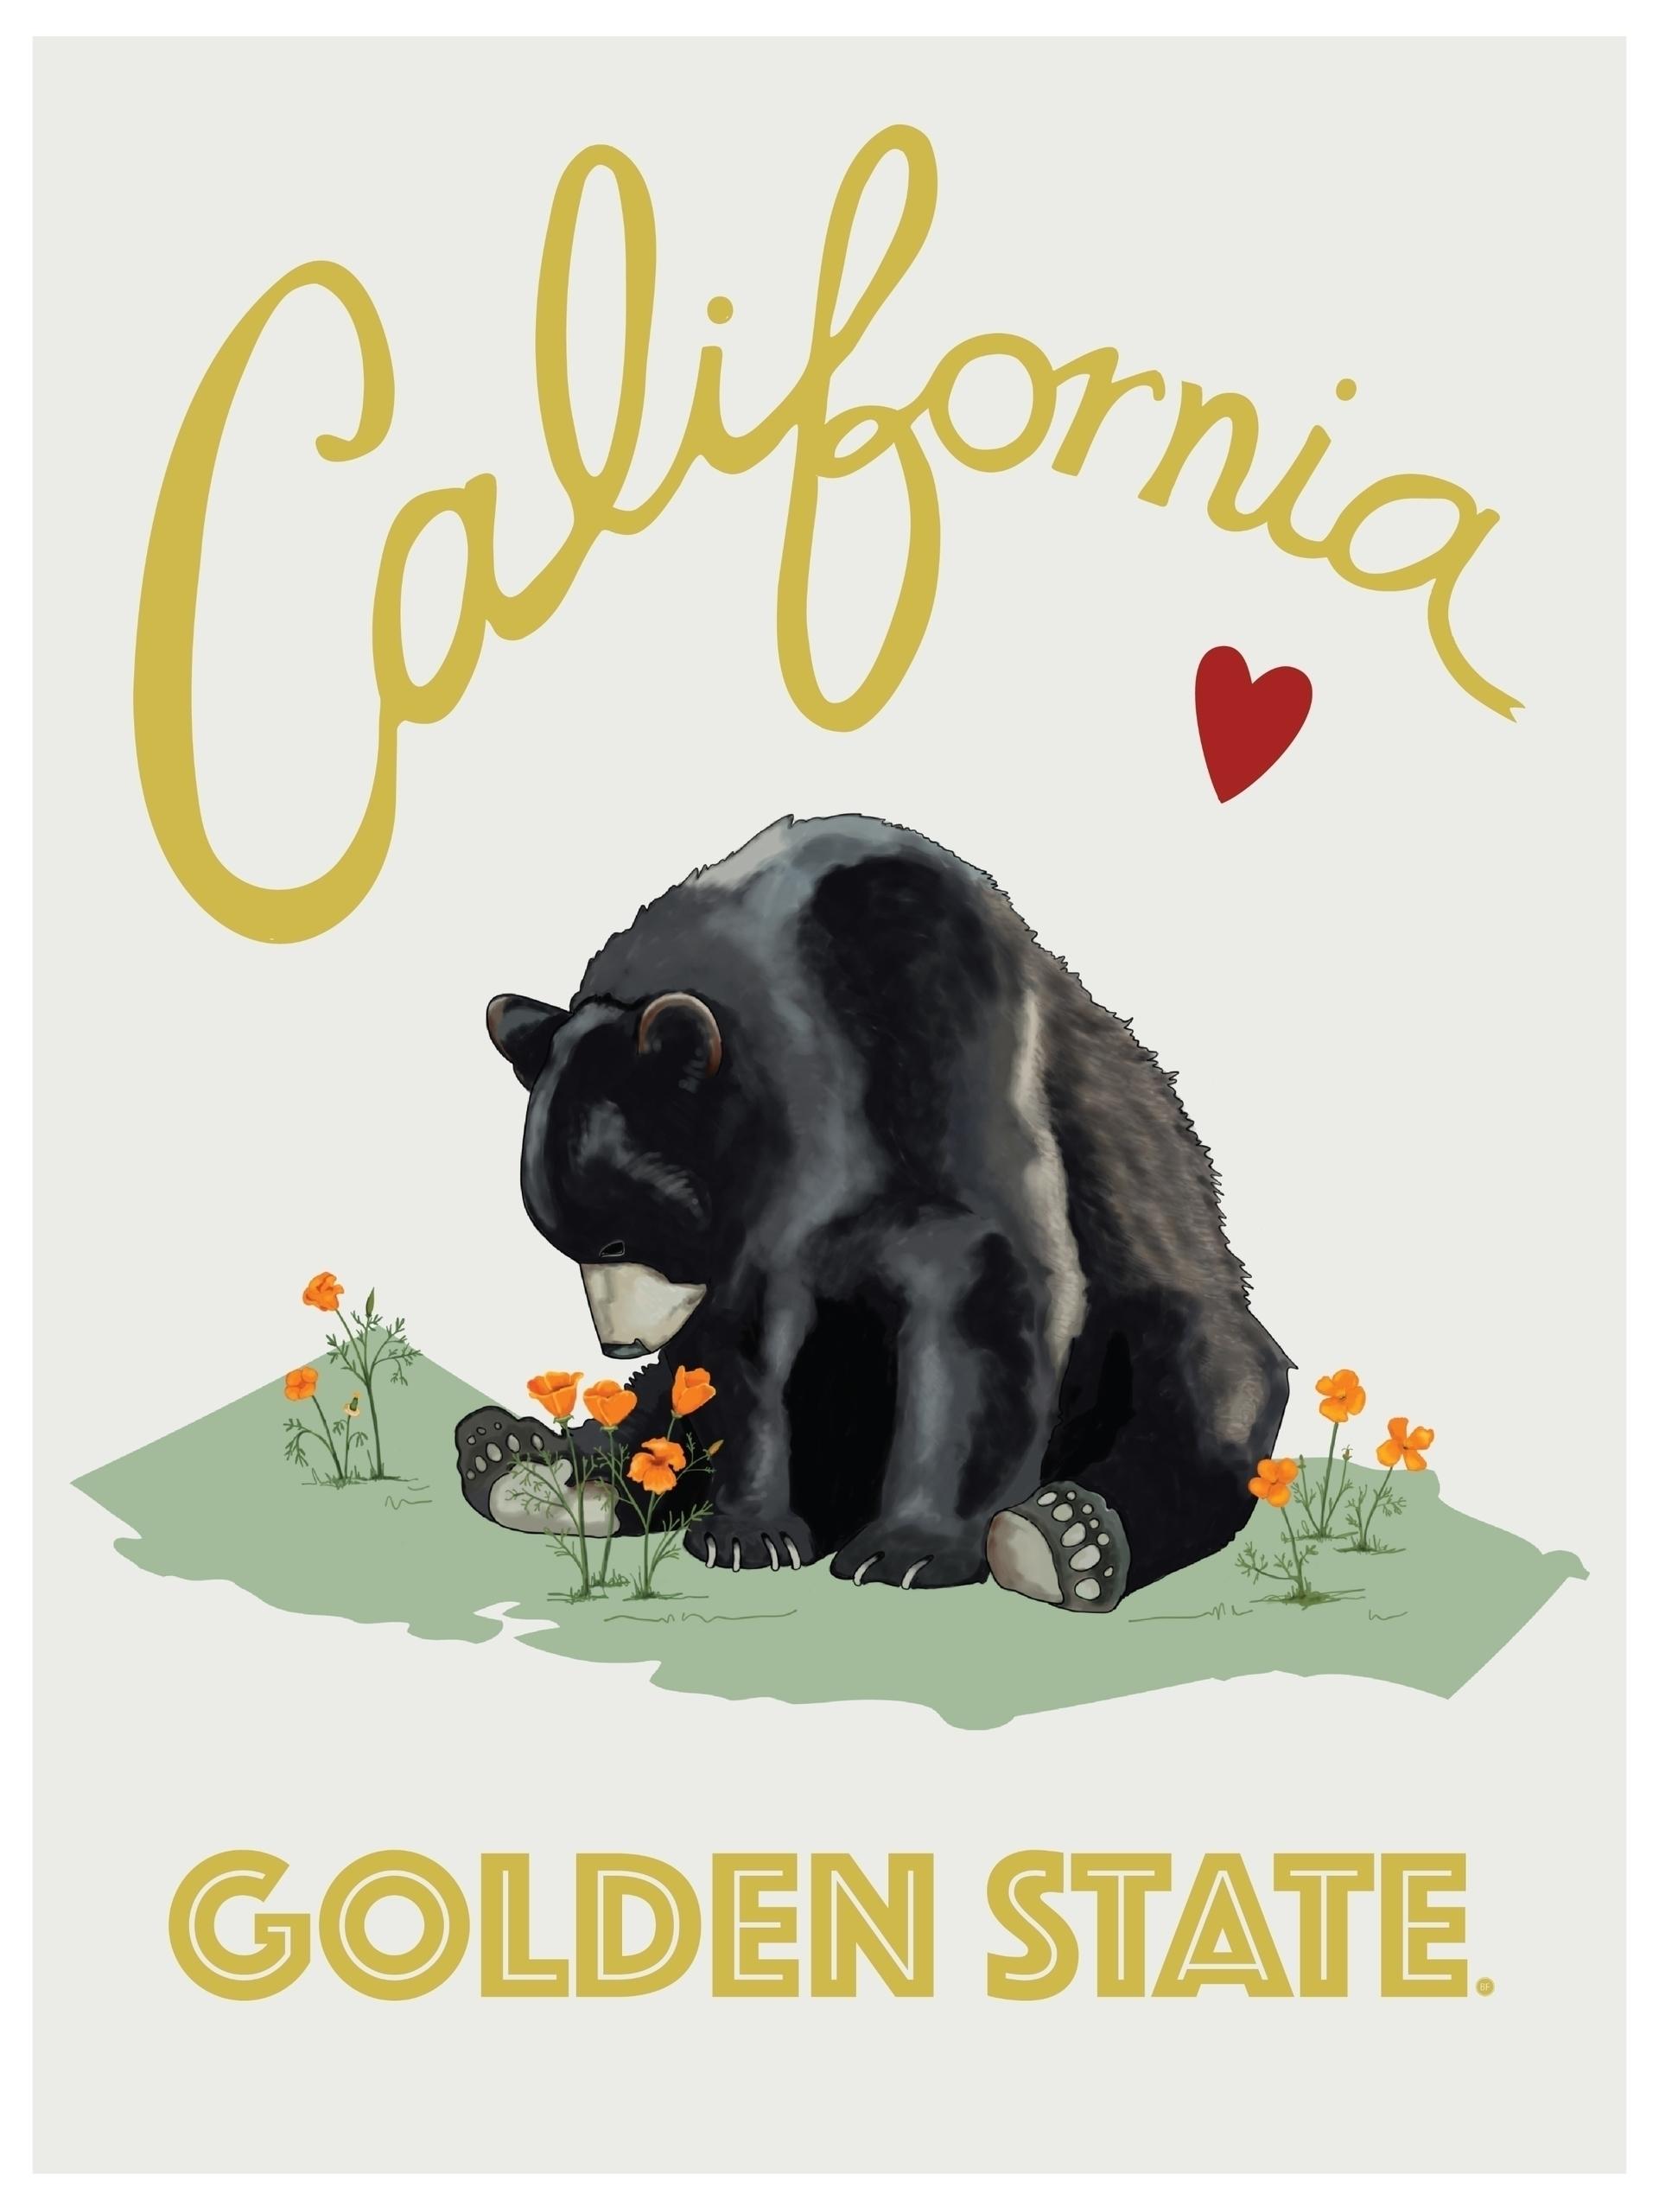 fires California devastating. w - brookefischer | ello